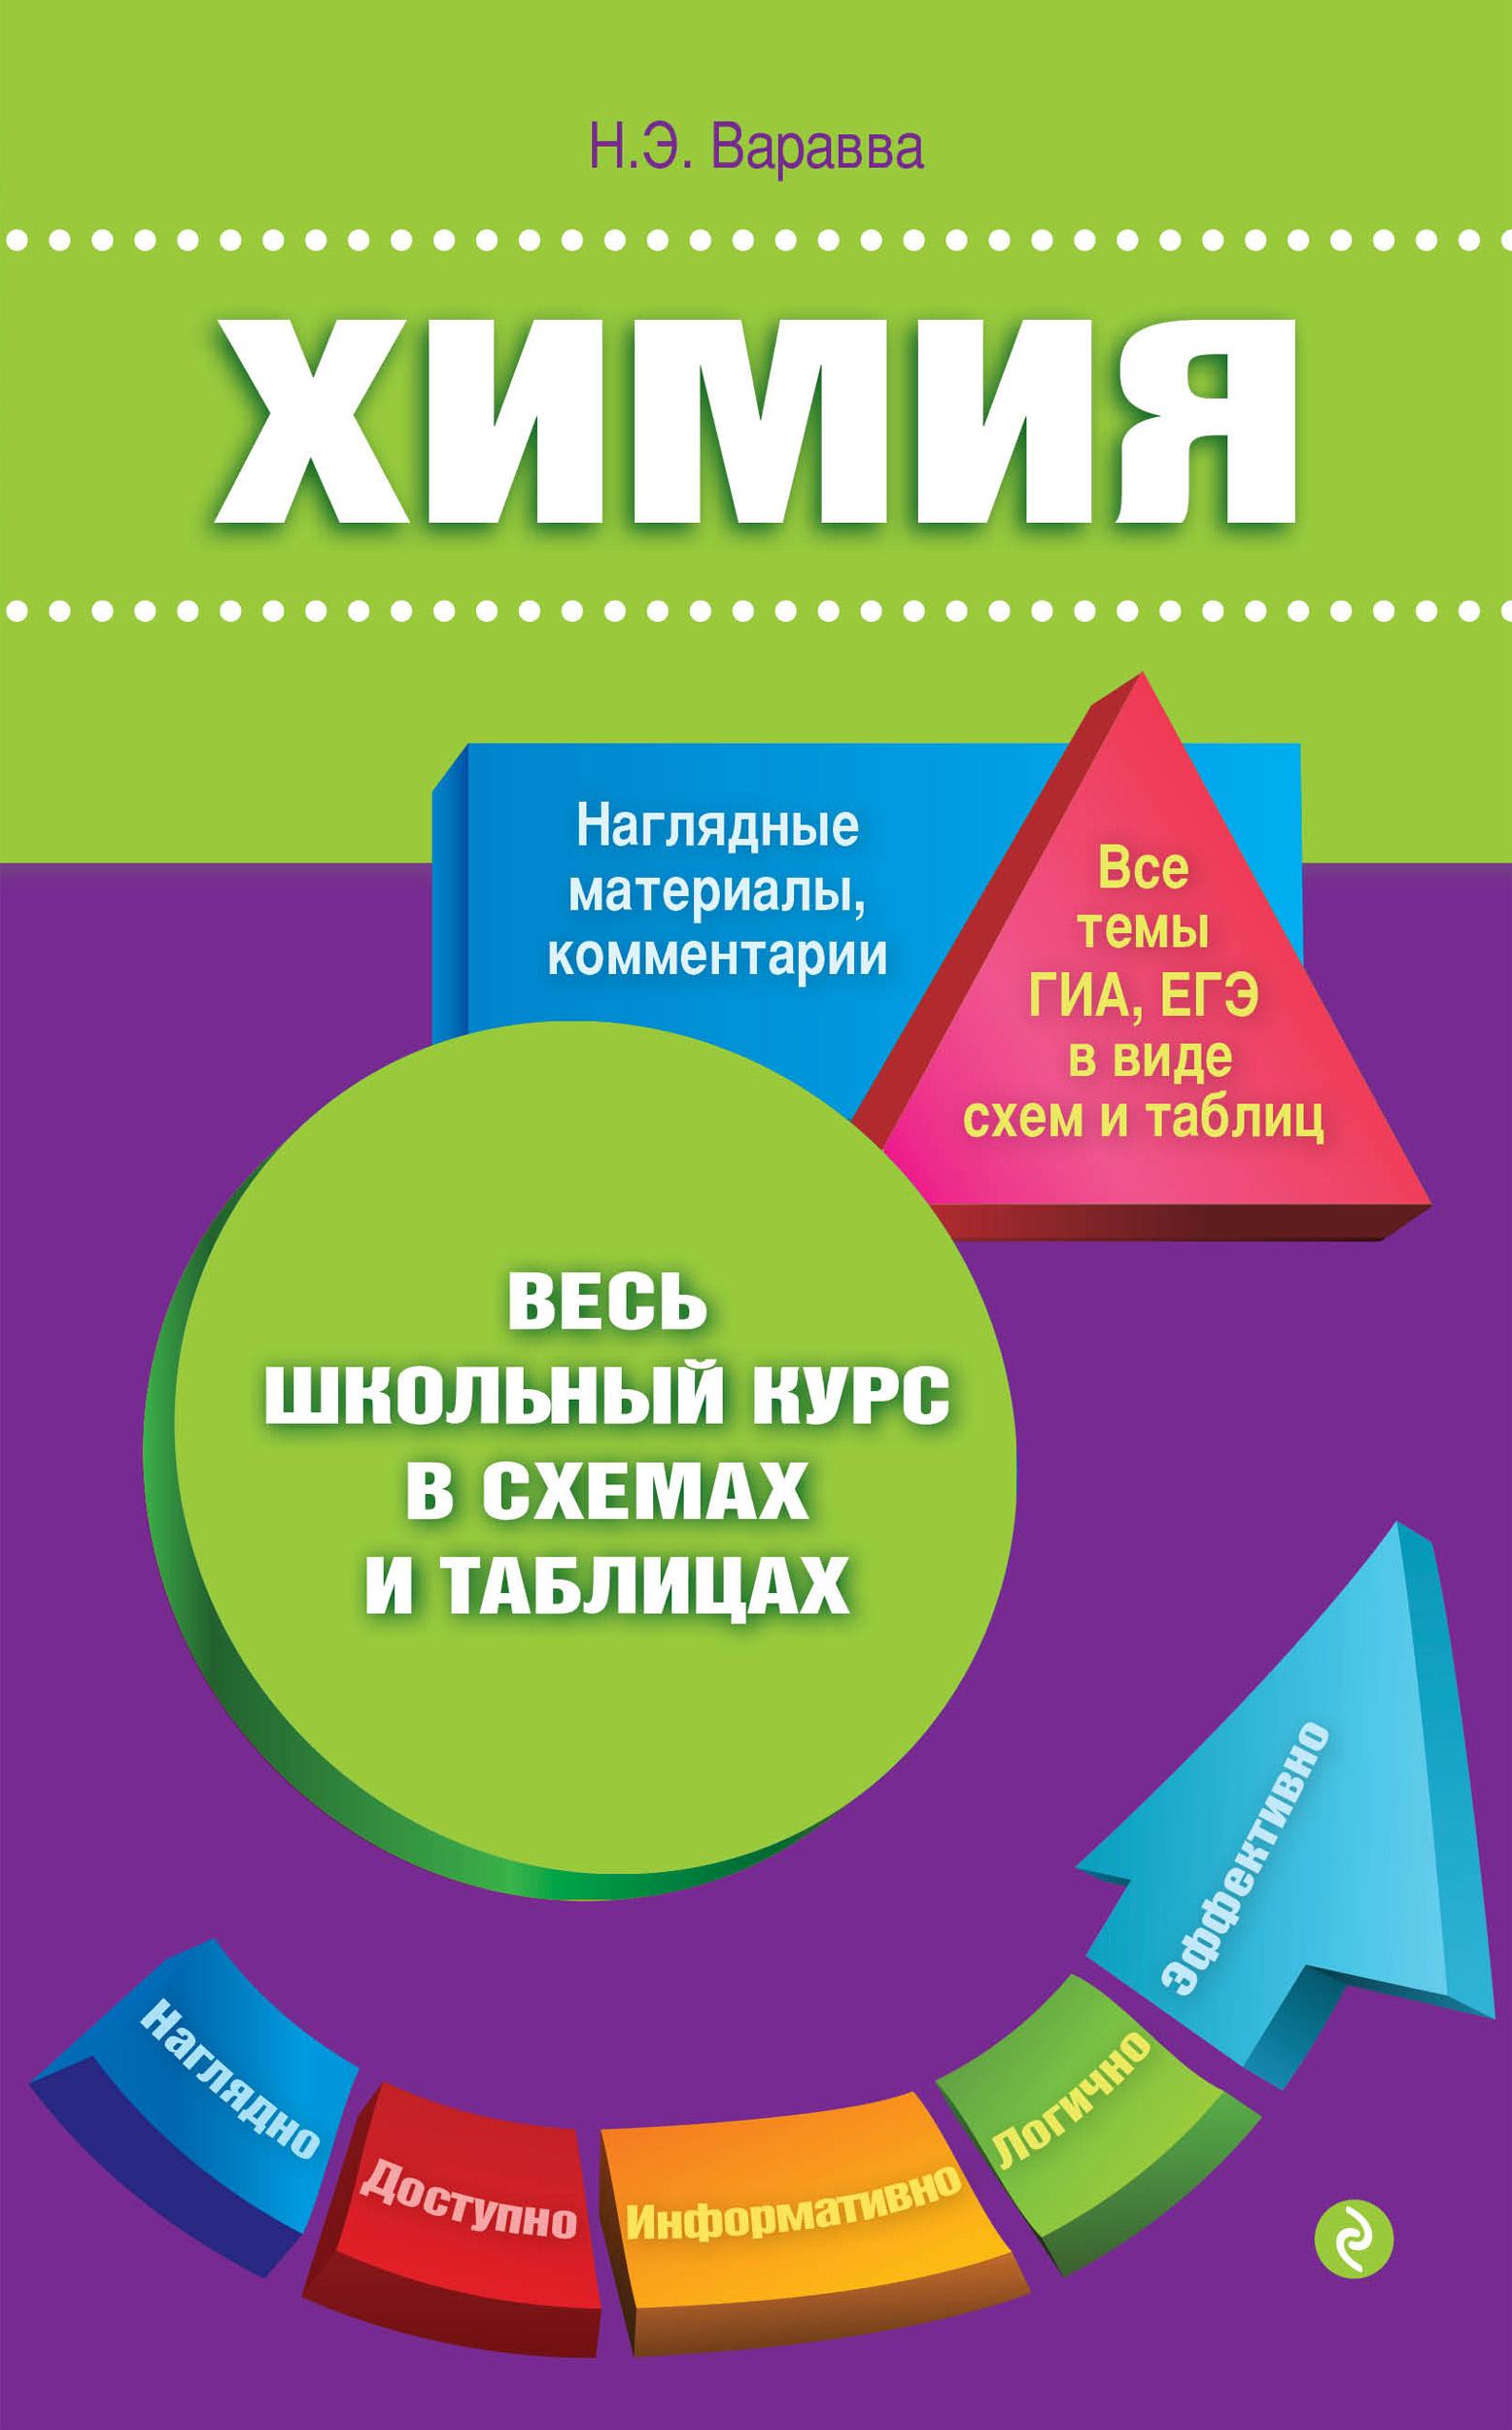 Наталья Варавва Химия варавва н химия наглядные материалы комментарии все темы гиа егэ в виде схем и таблиц